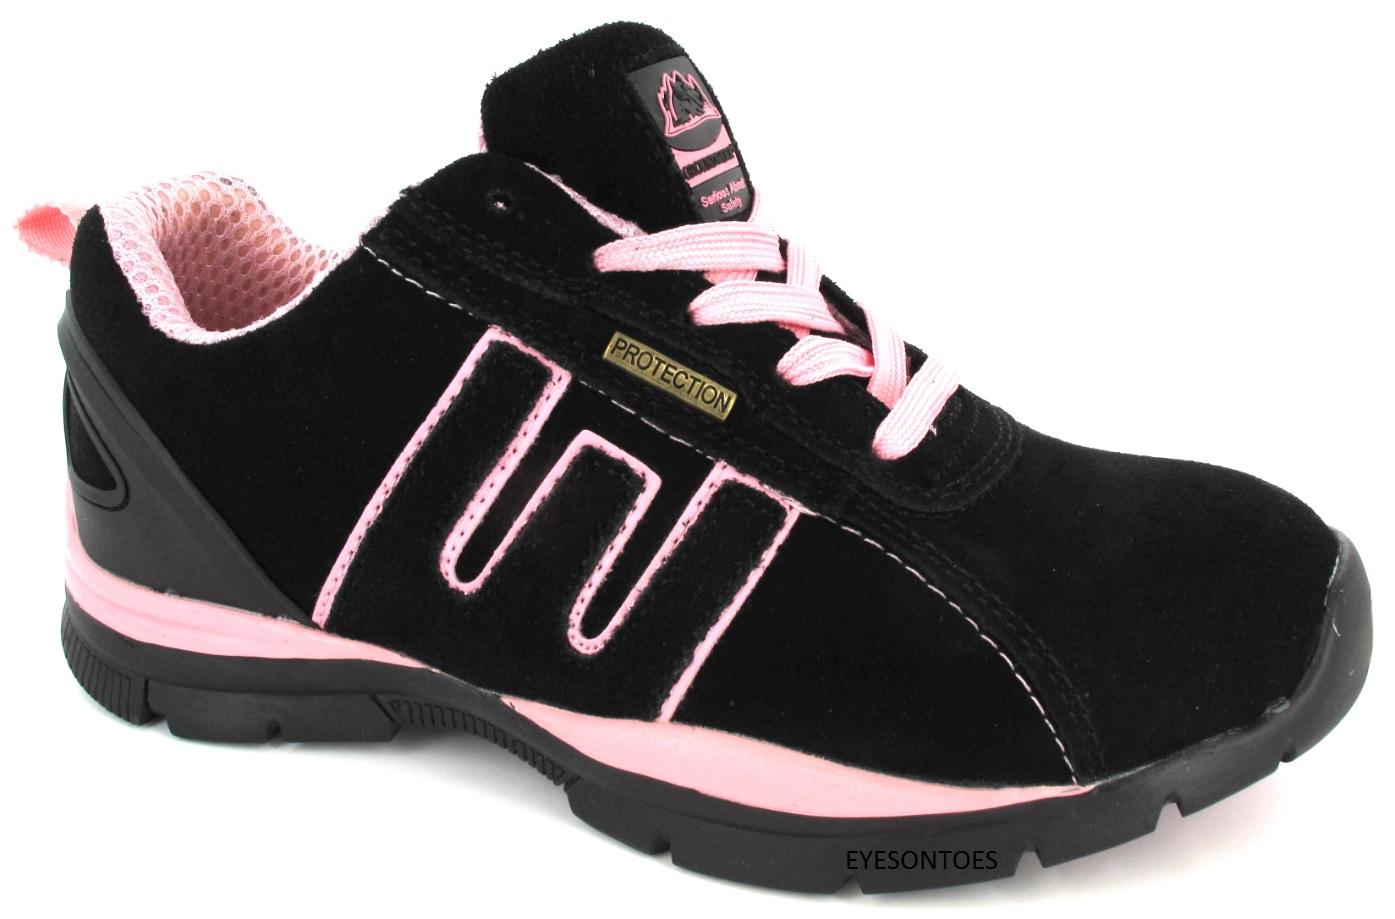 Mujer zapatillas de seguridad puntera acero senderismo - Zapatillas de trabajo ...